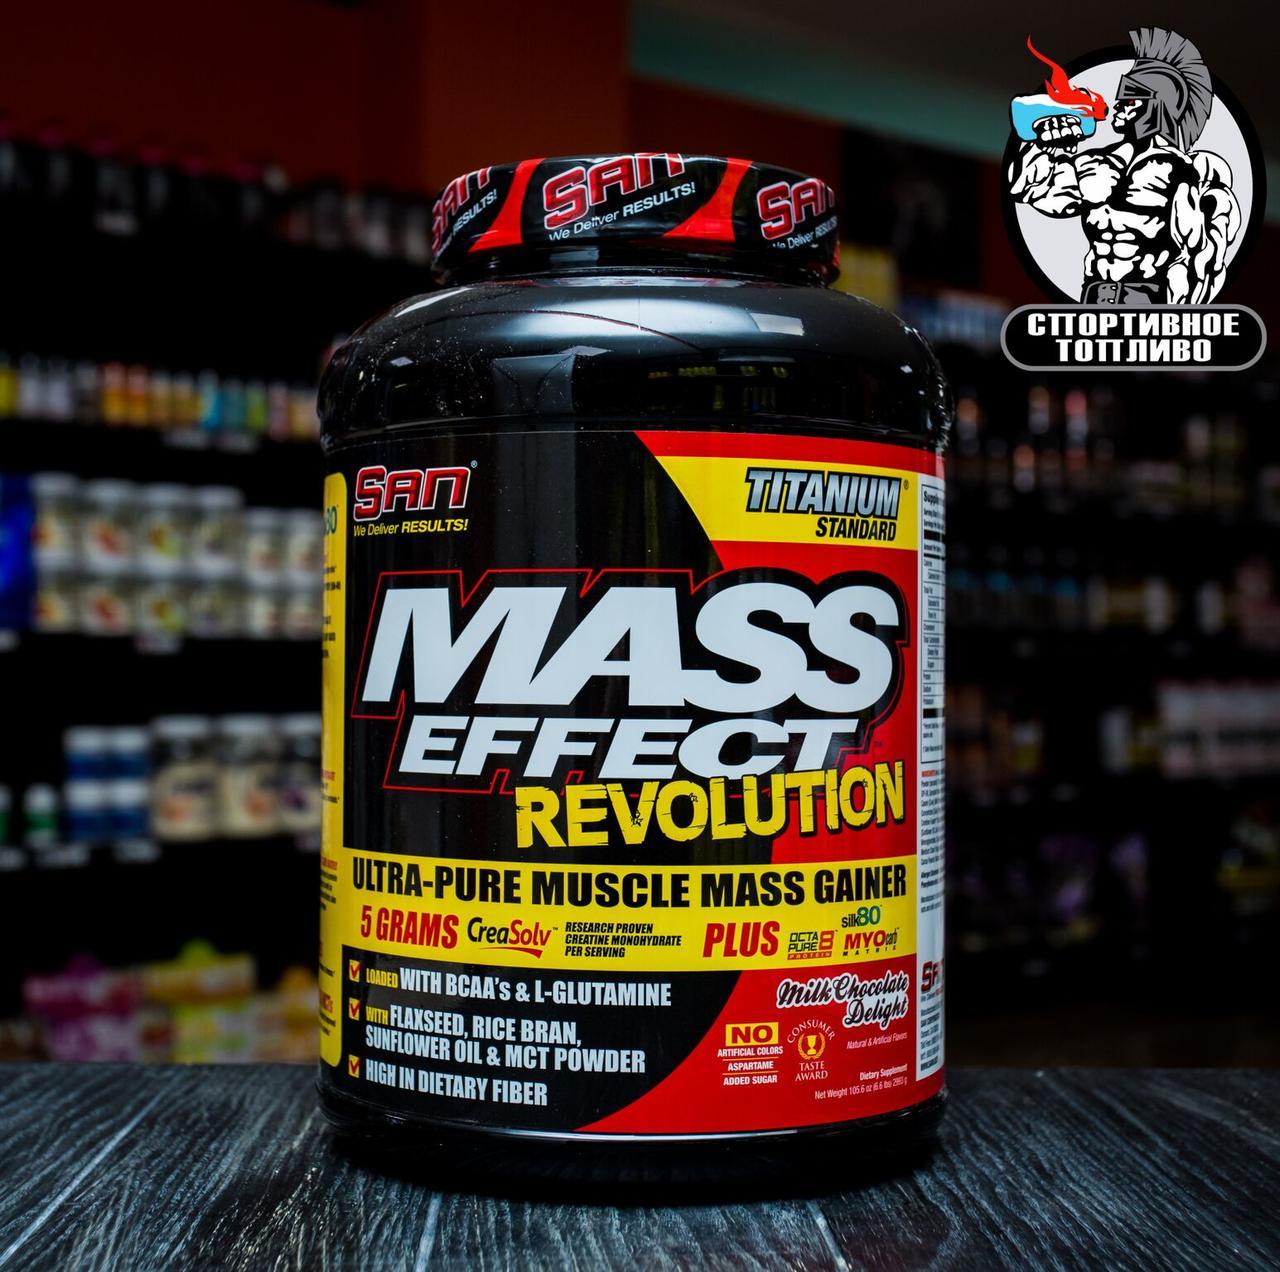 Mass effect revolution от san: как принимать, состав, отзывы